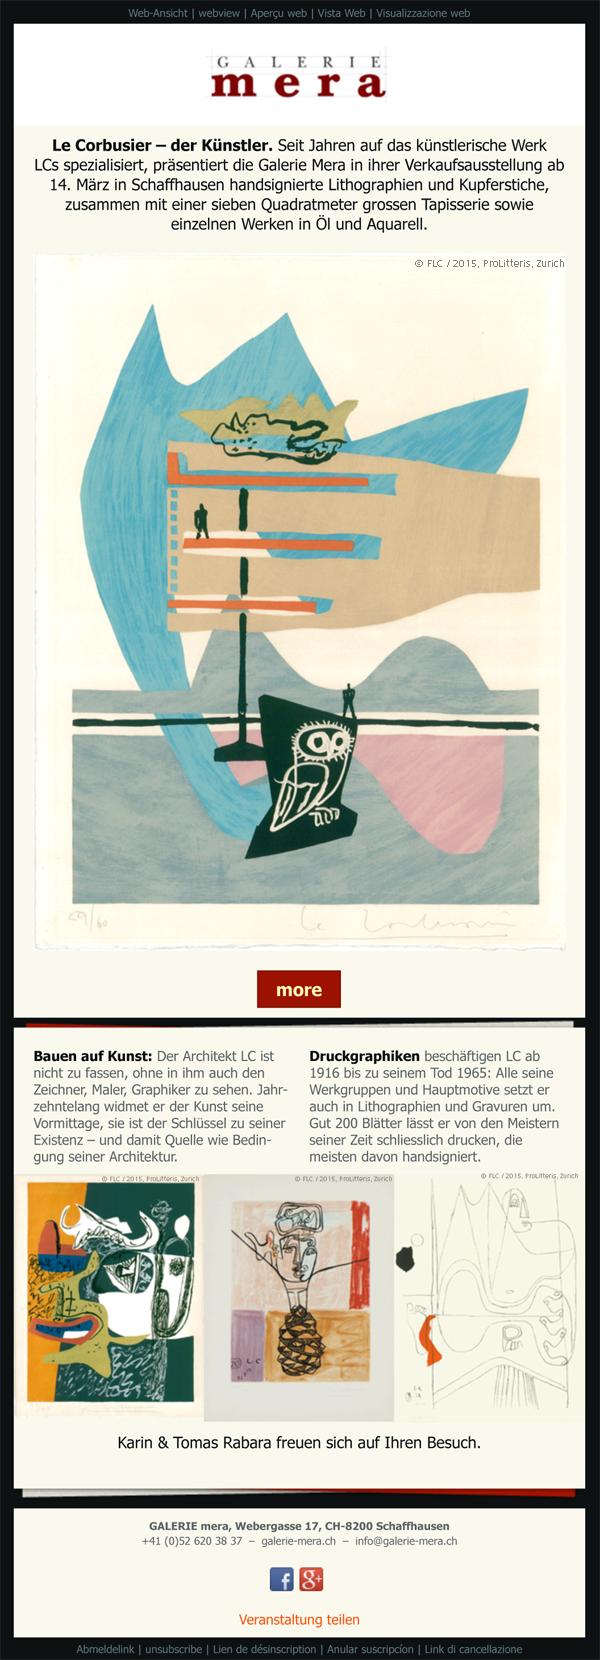 Le Corbusier der Künstler Ausstellung 14 März bis 2 Mai